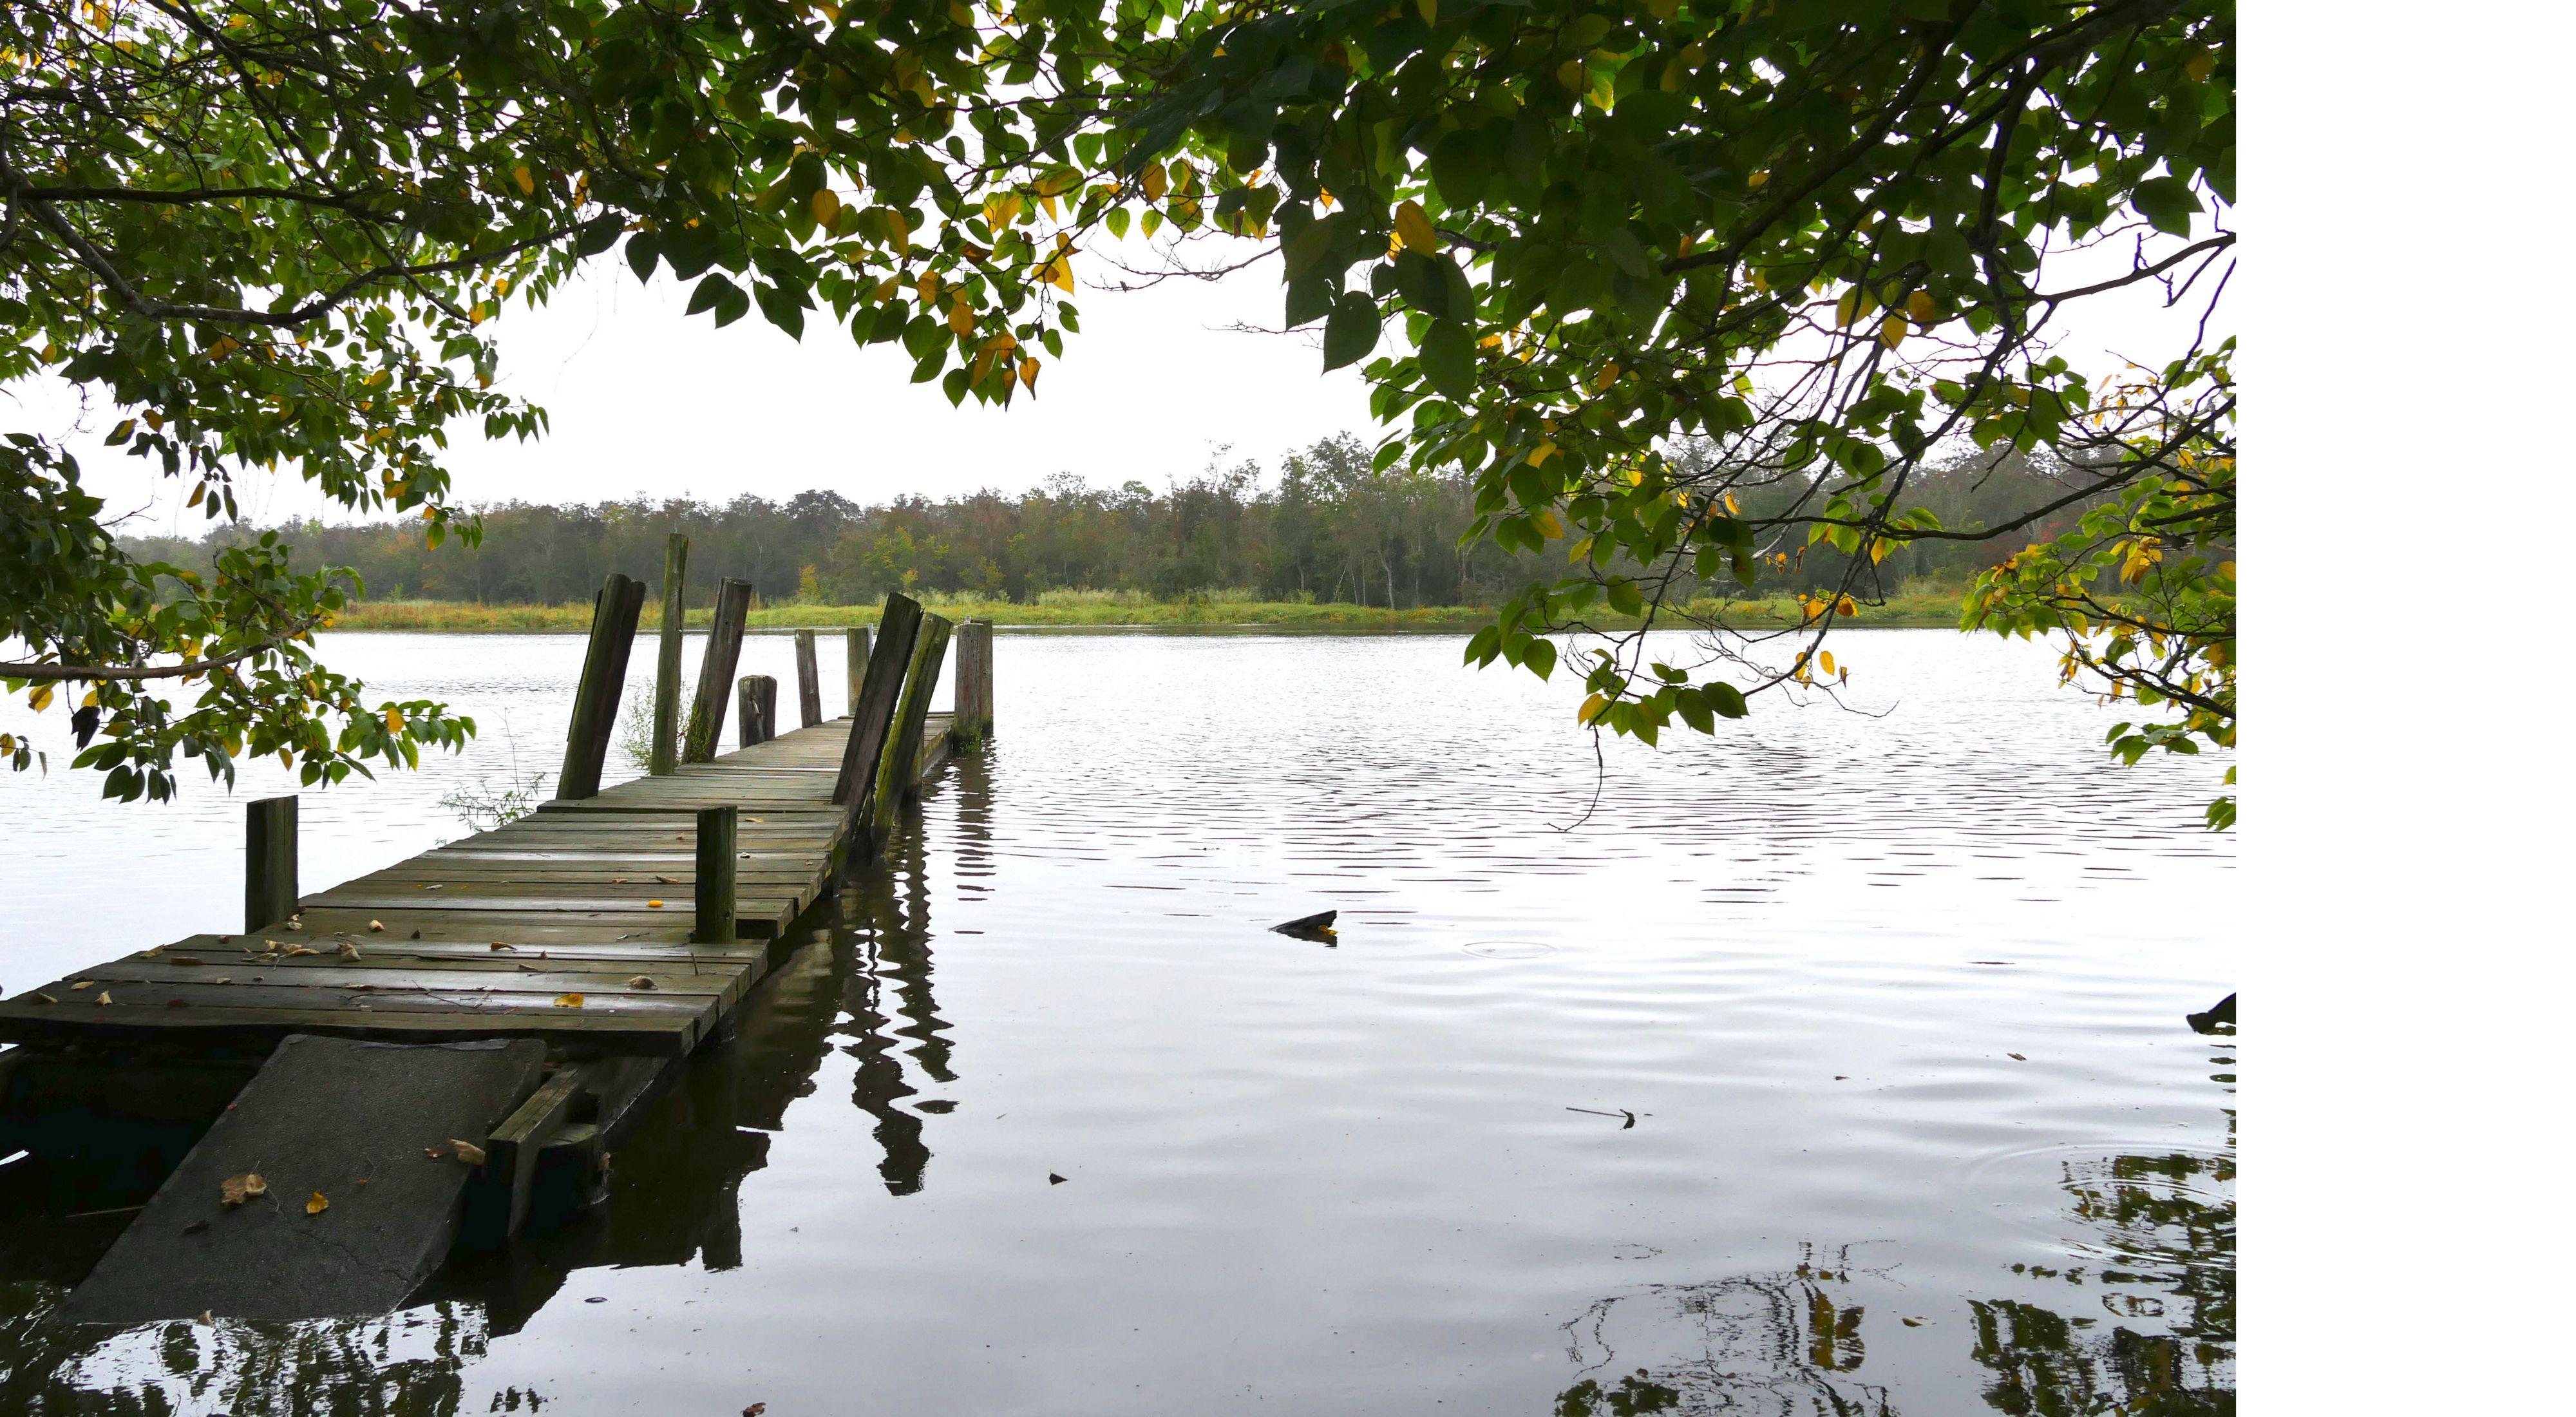 View of Marshyhope Creek